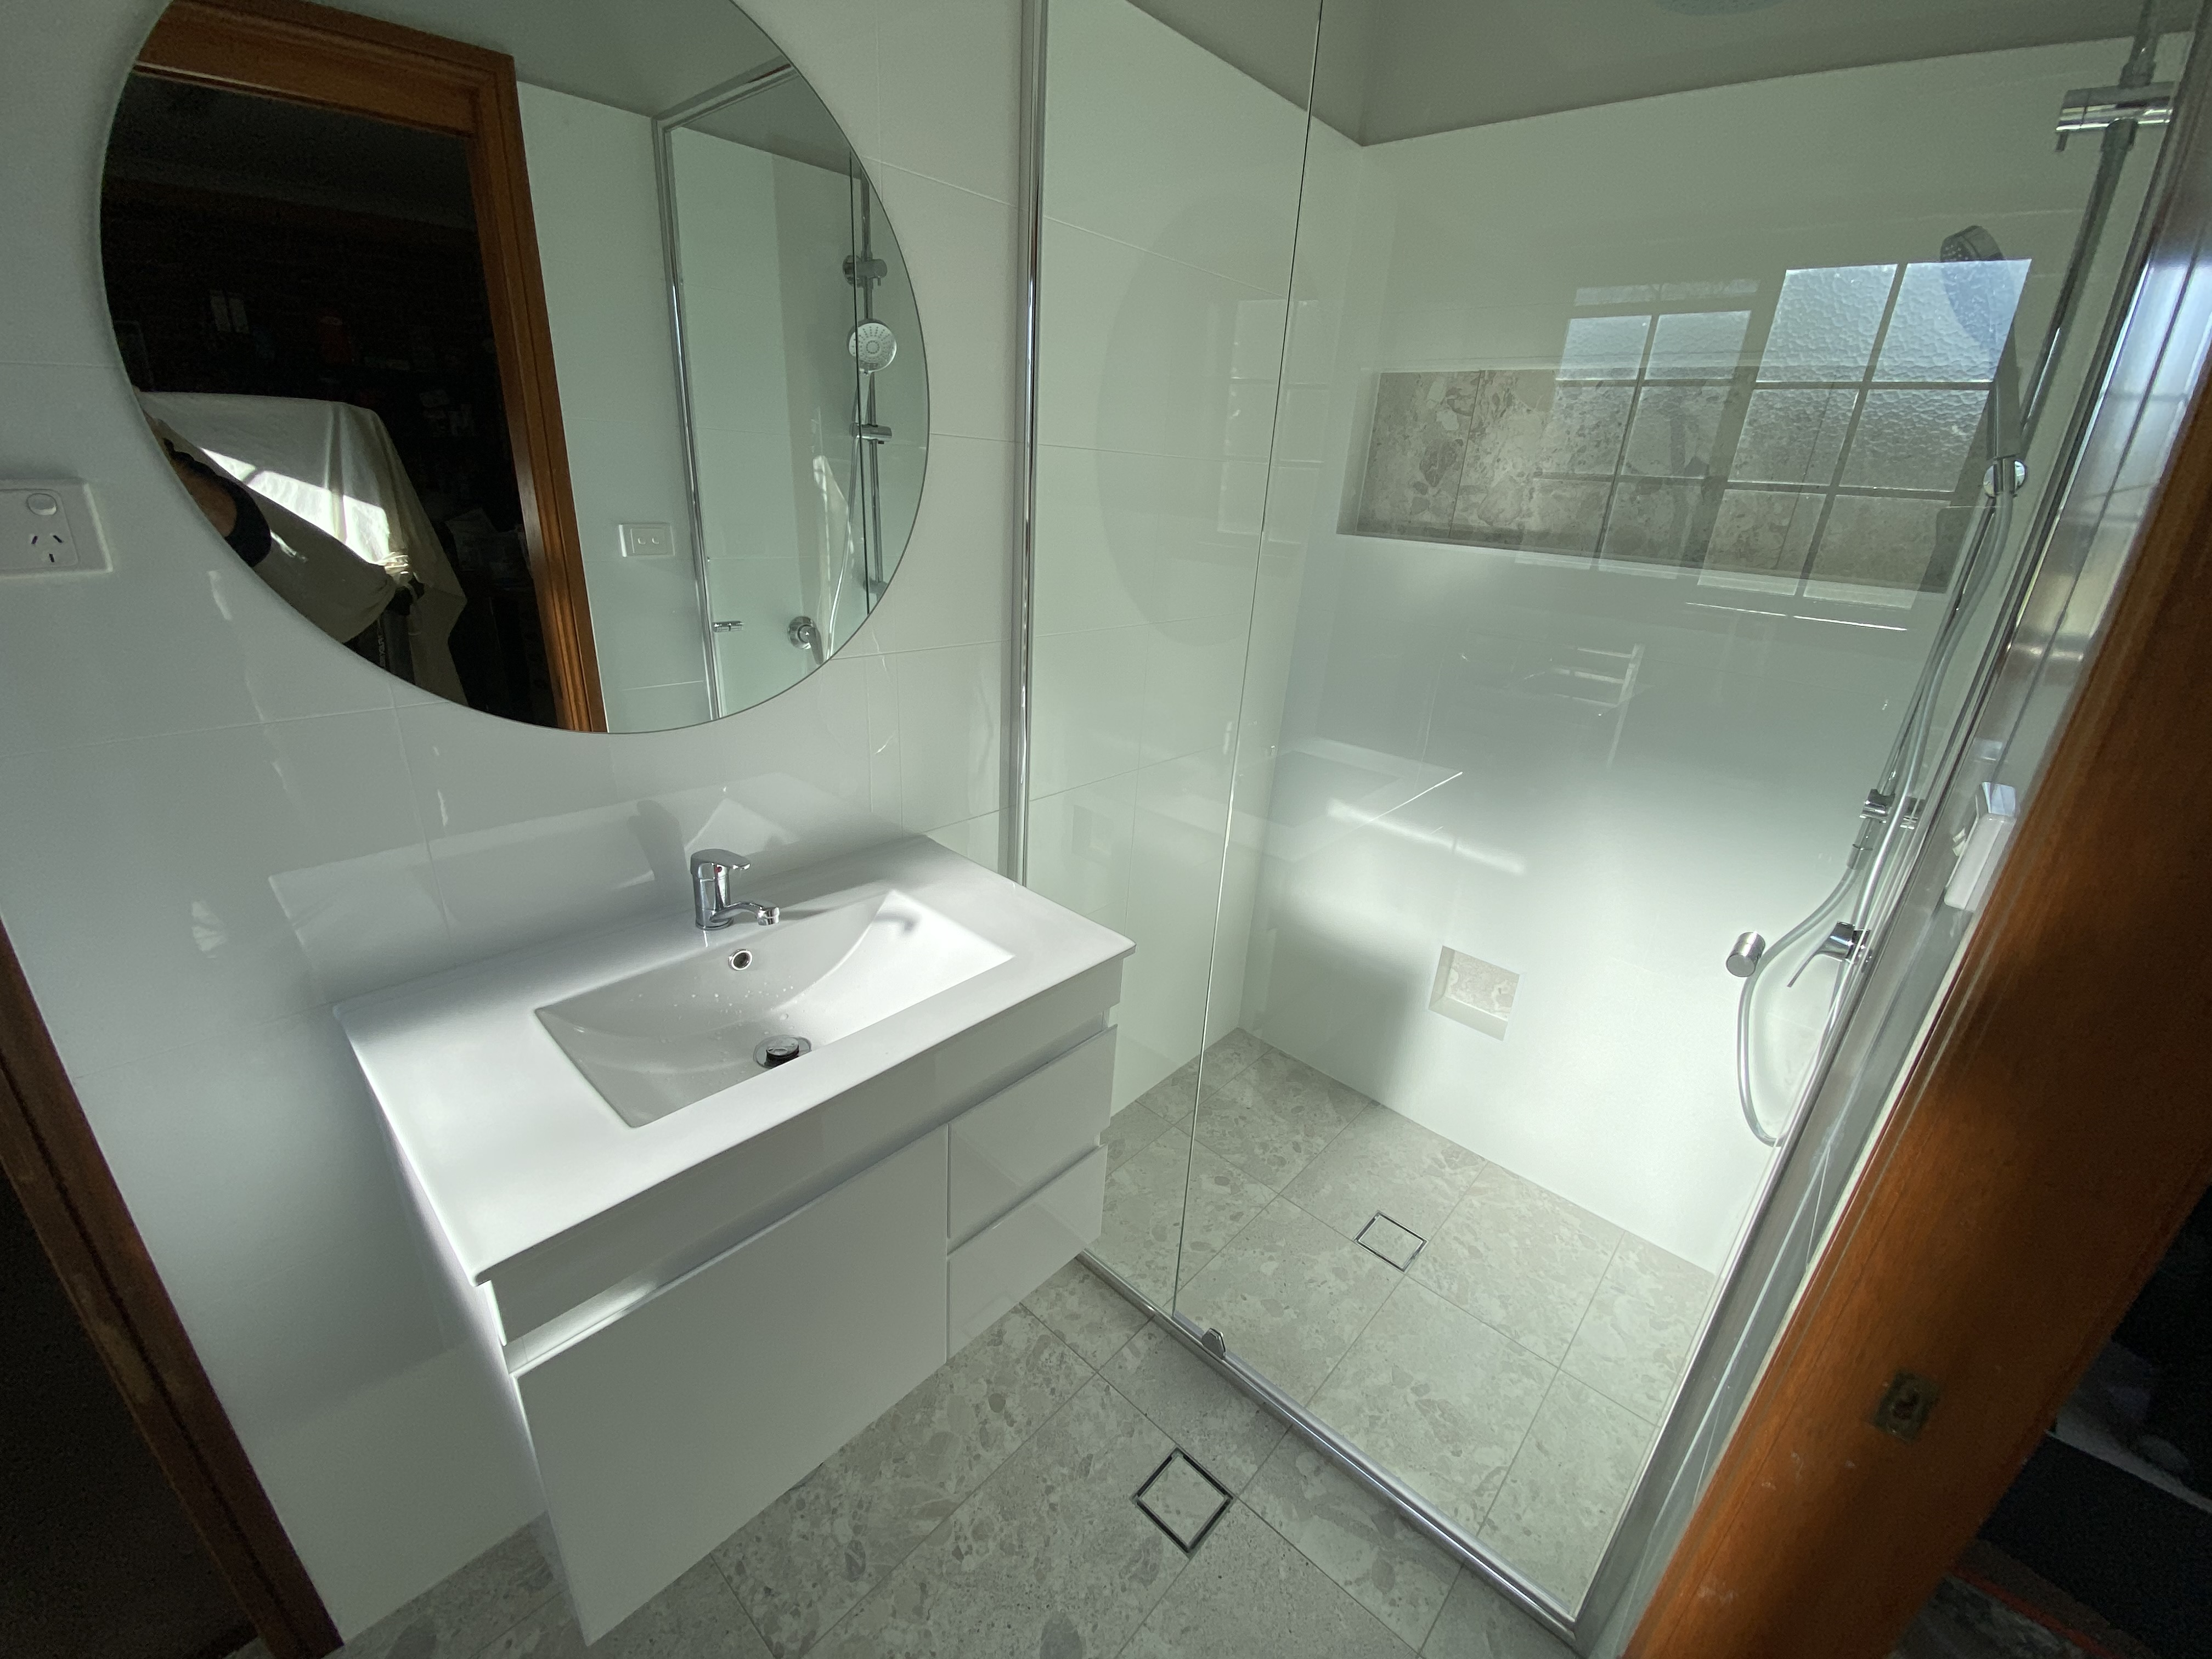 Anambah guestroom en-suite